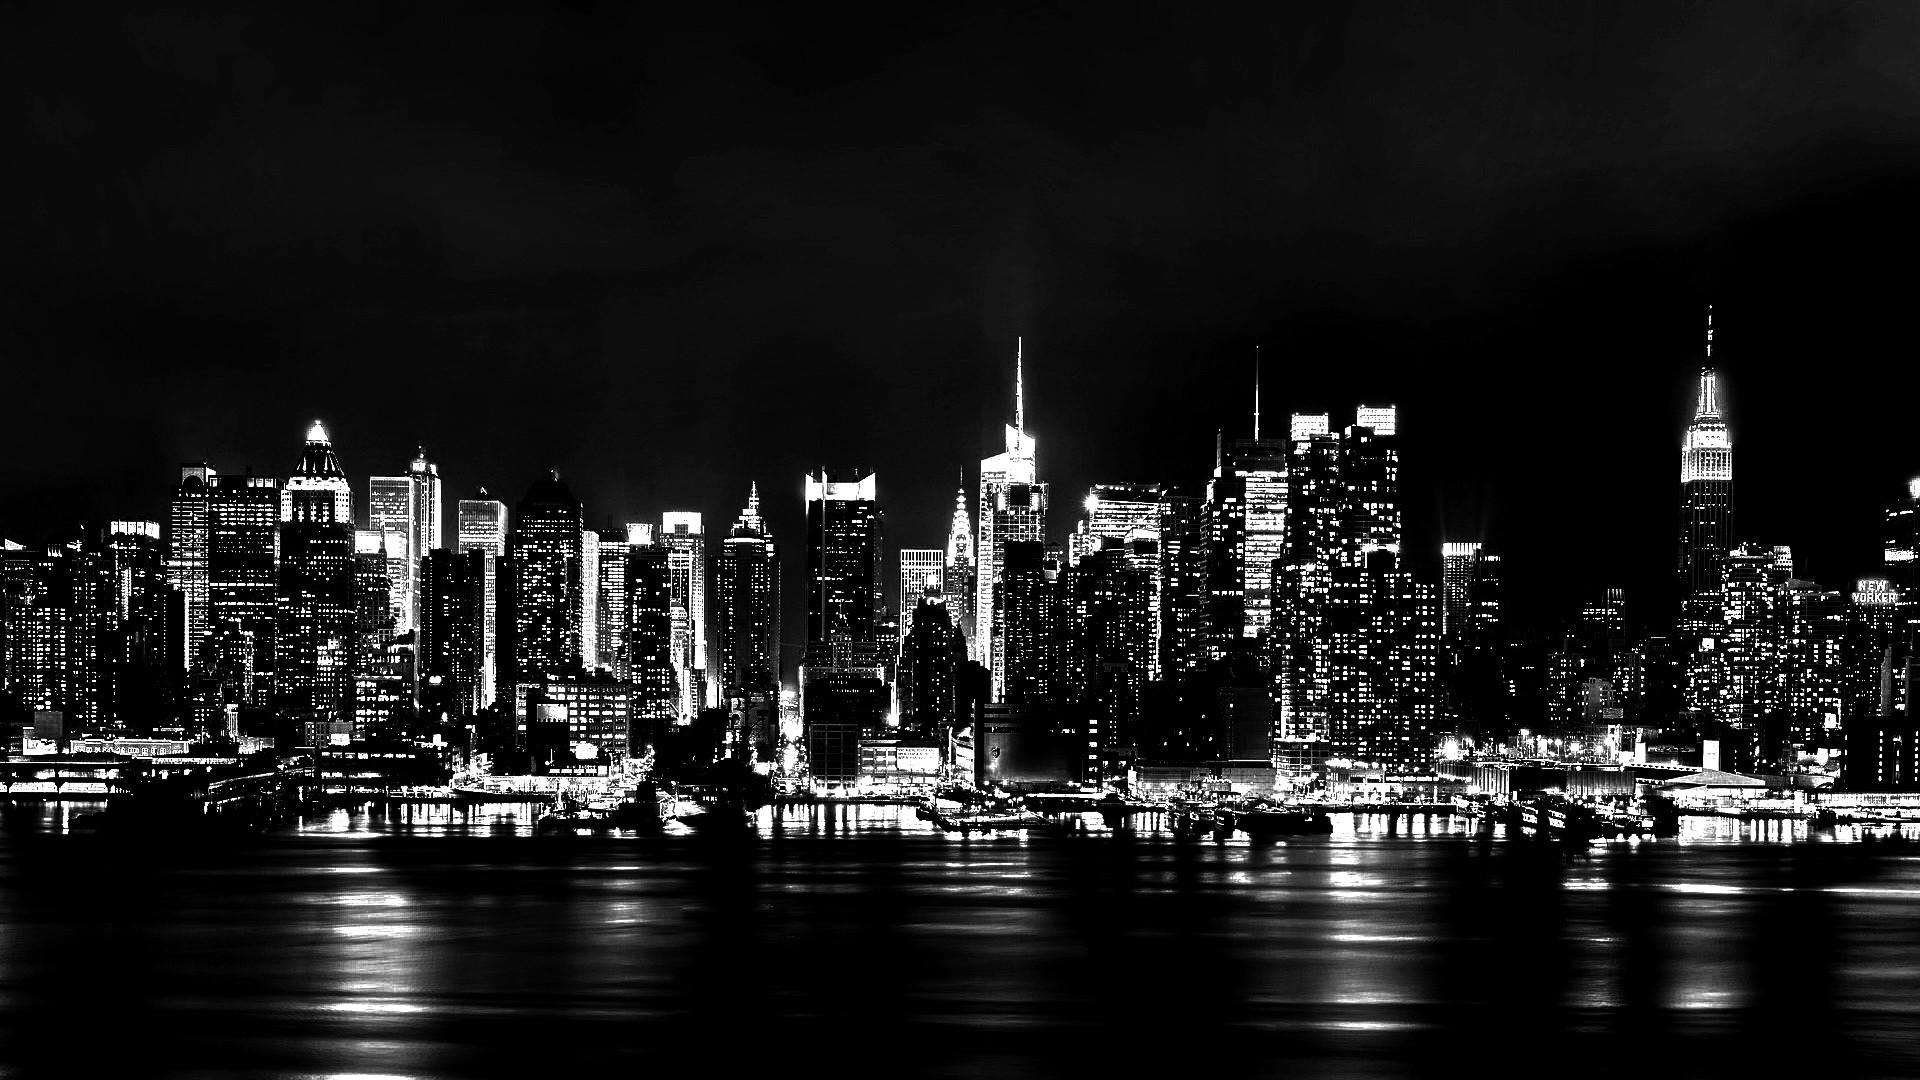 Sfondi tumblr bianco e nero 62 immagini for Immagini desktop new york